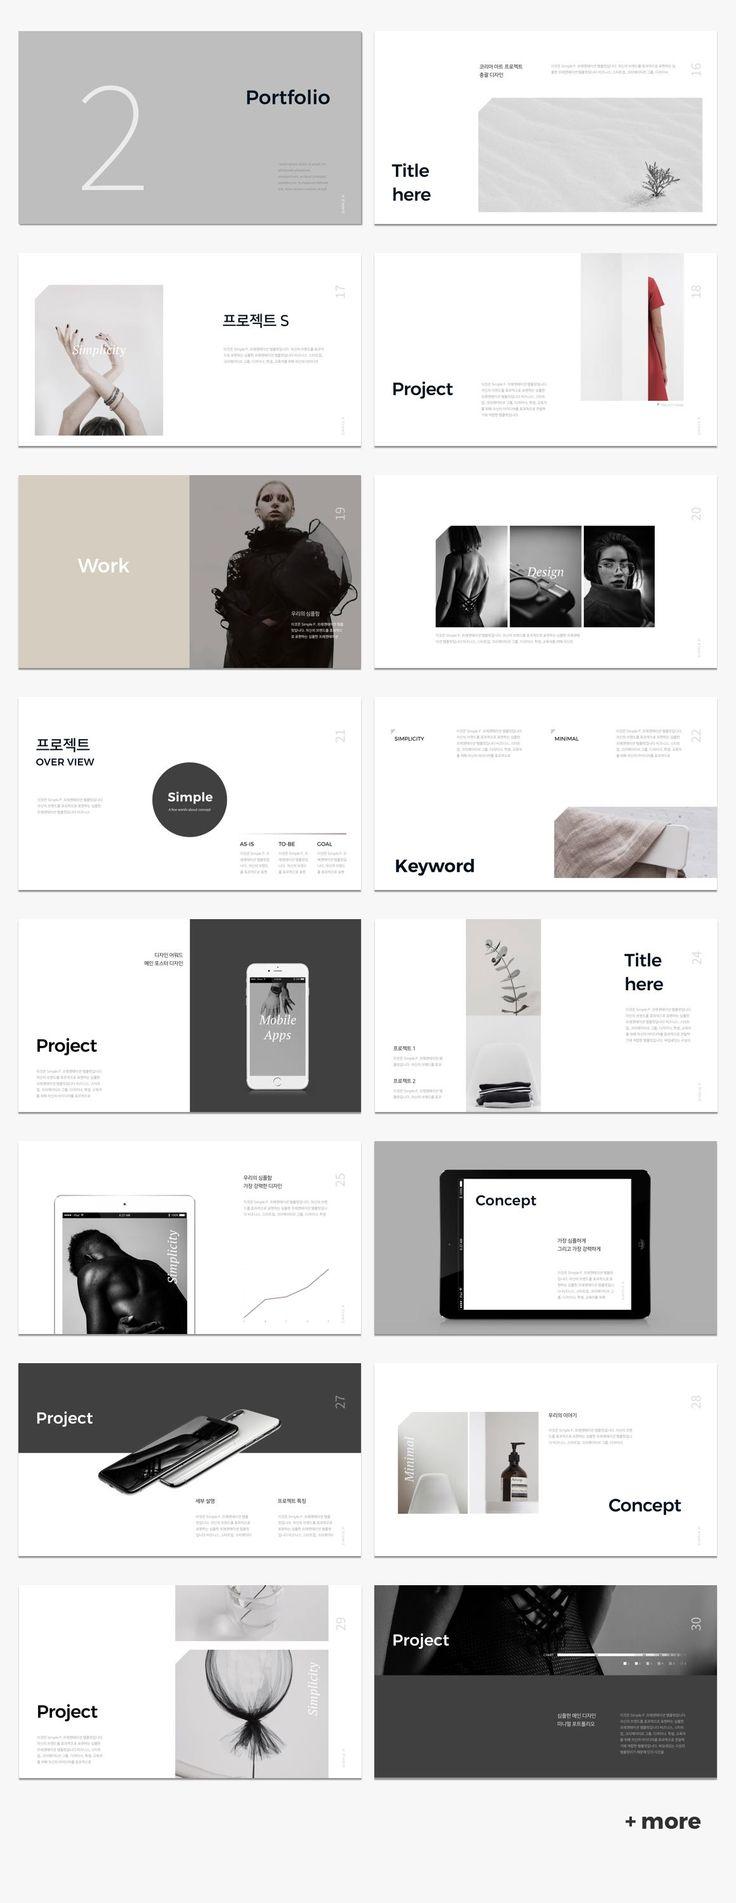 Cool Simple & Minimal Presentation Template #keynote #presentation #simple #minimal #portfolio #business